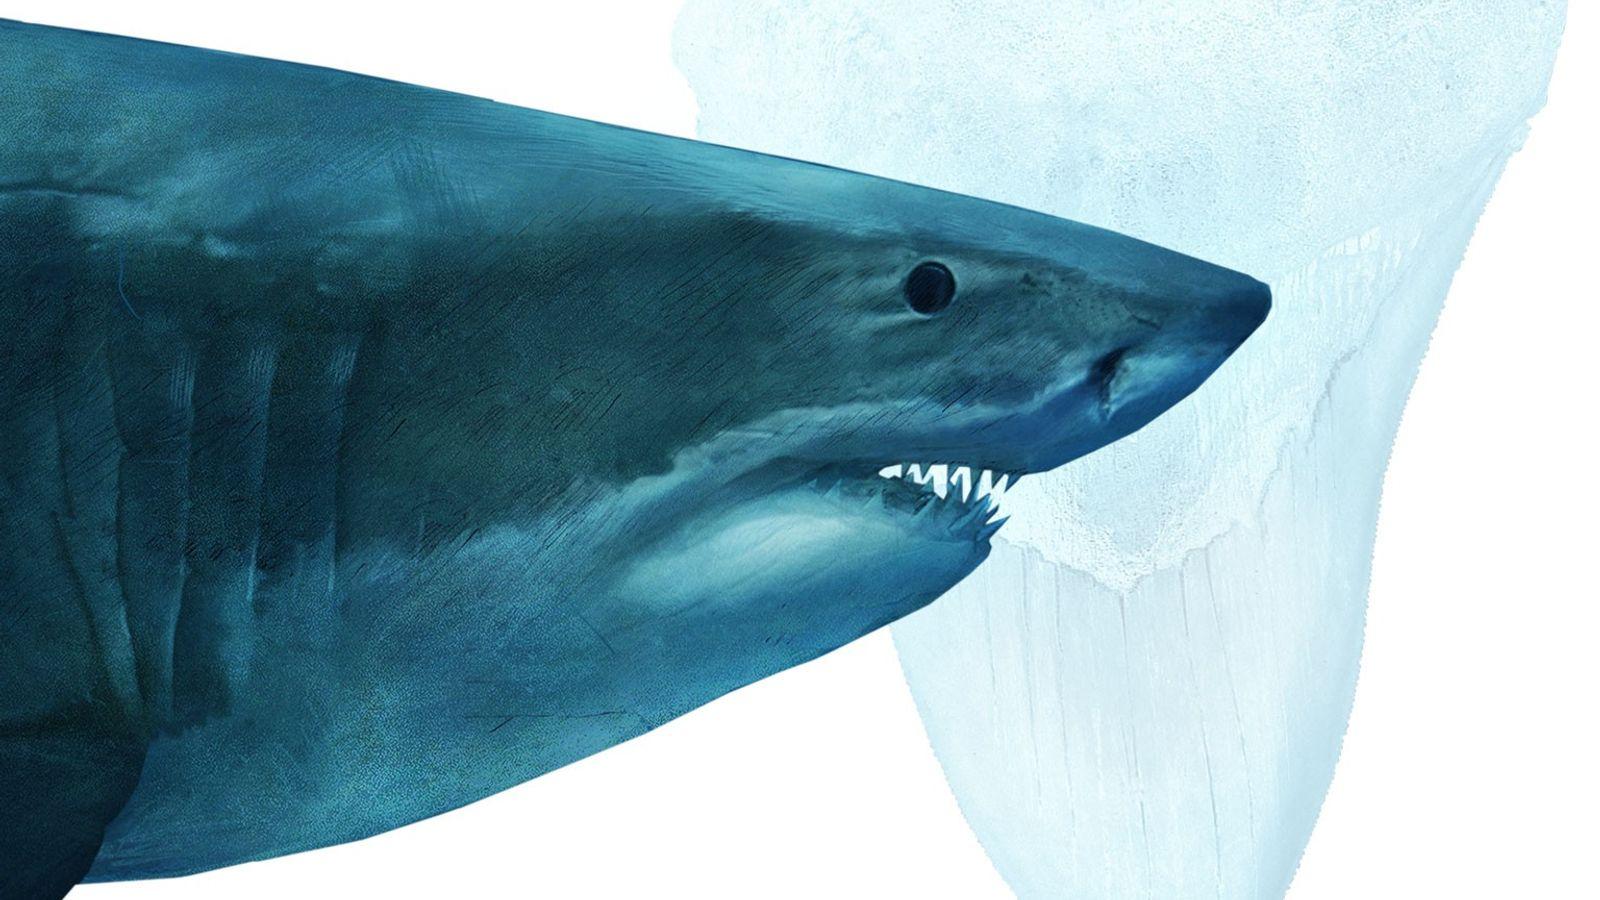 Os megalodontes reinavam nos oceanos primitivos. As enormes criaturas chegavam a 18 metros de comprimento e ...